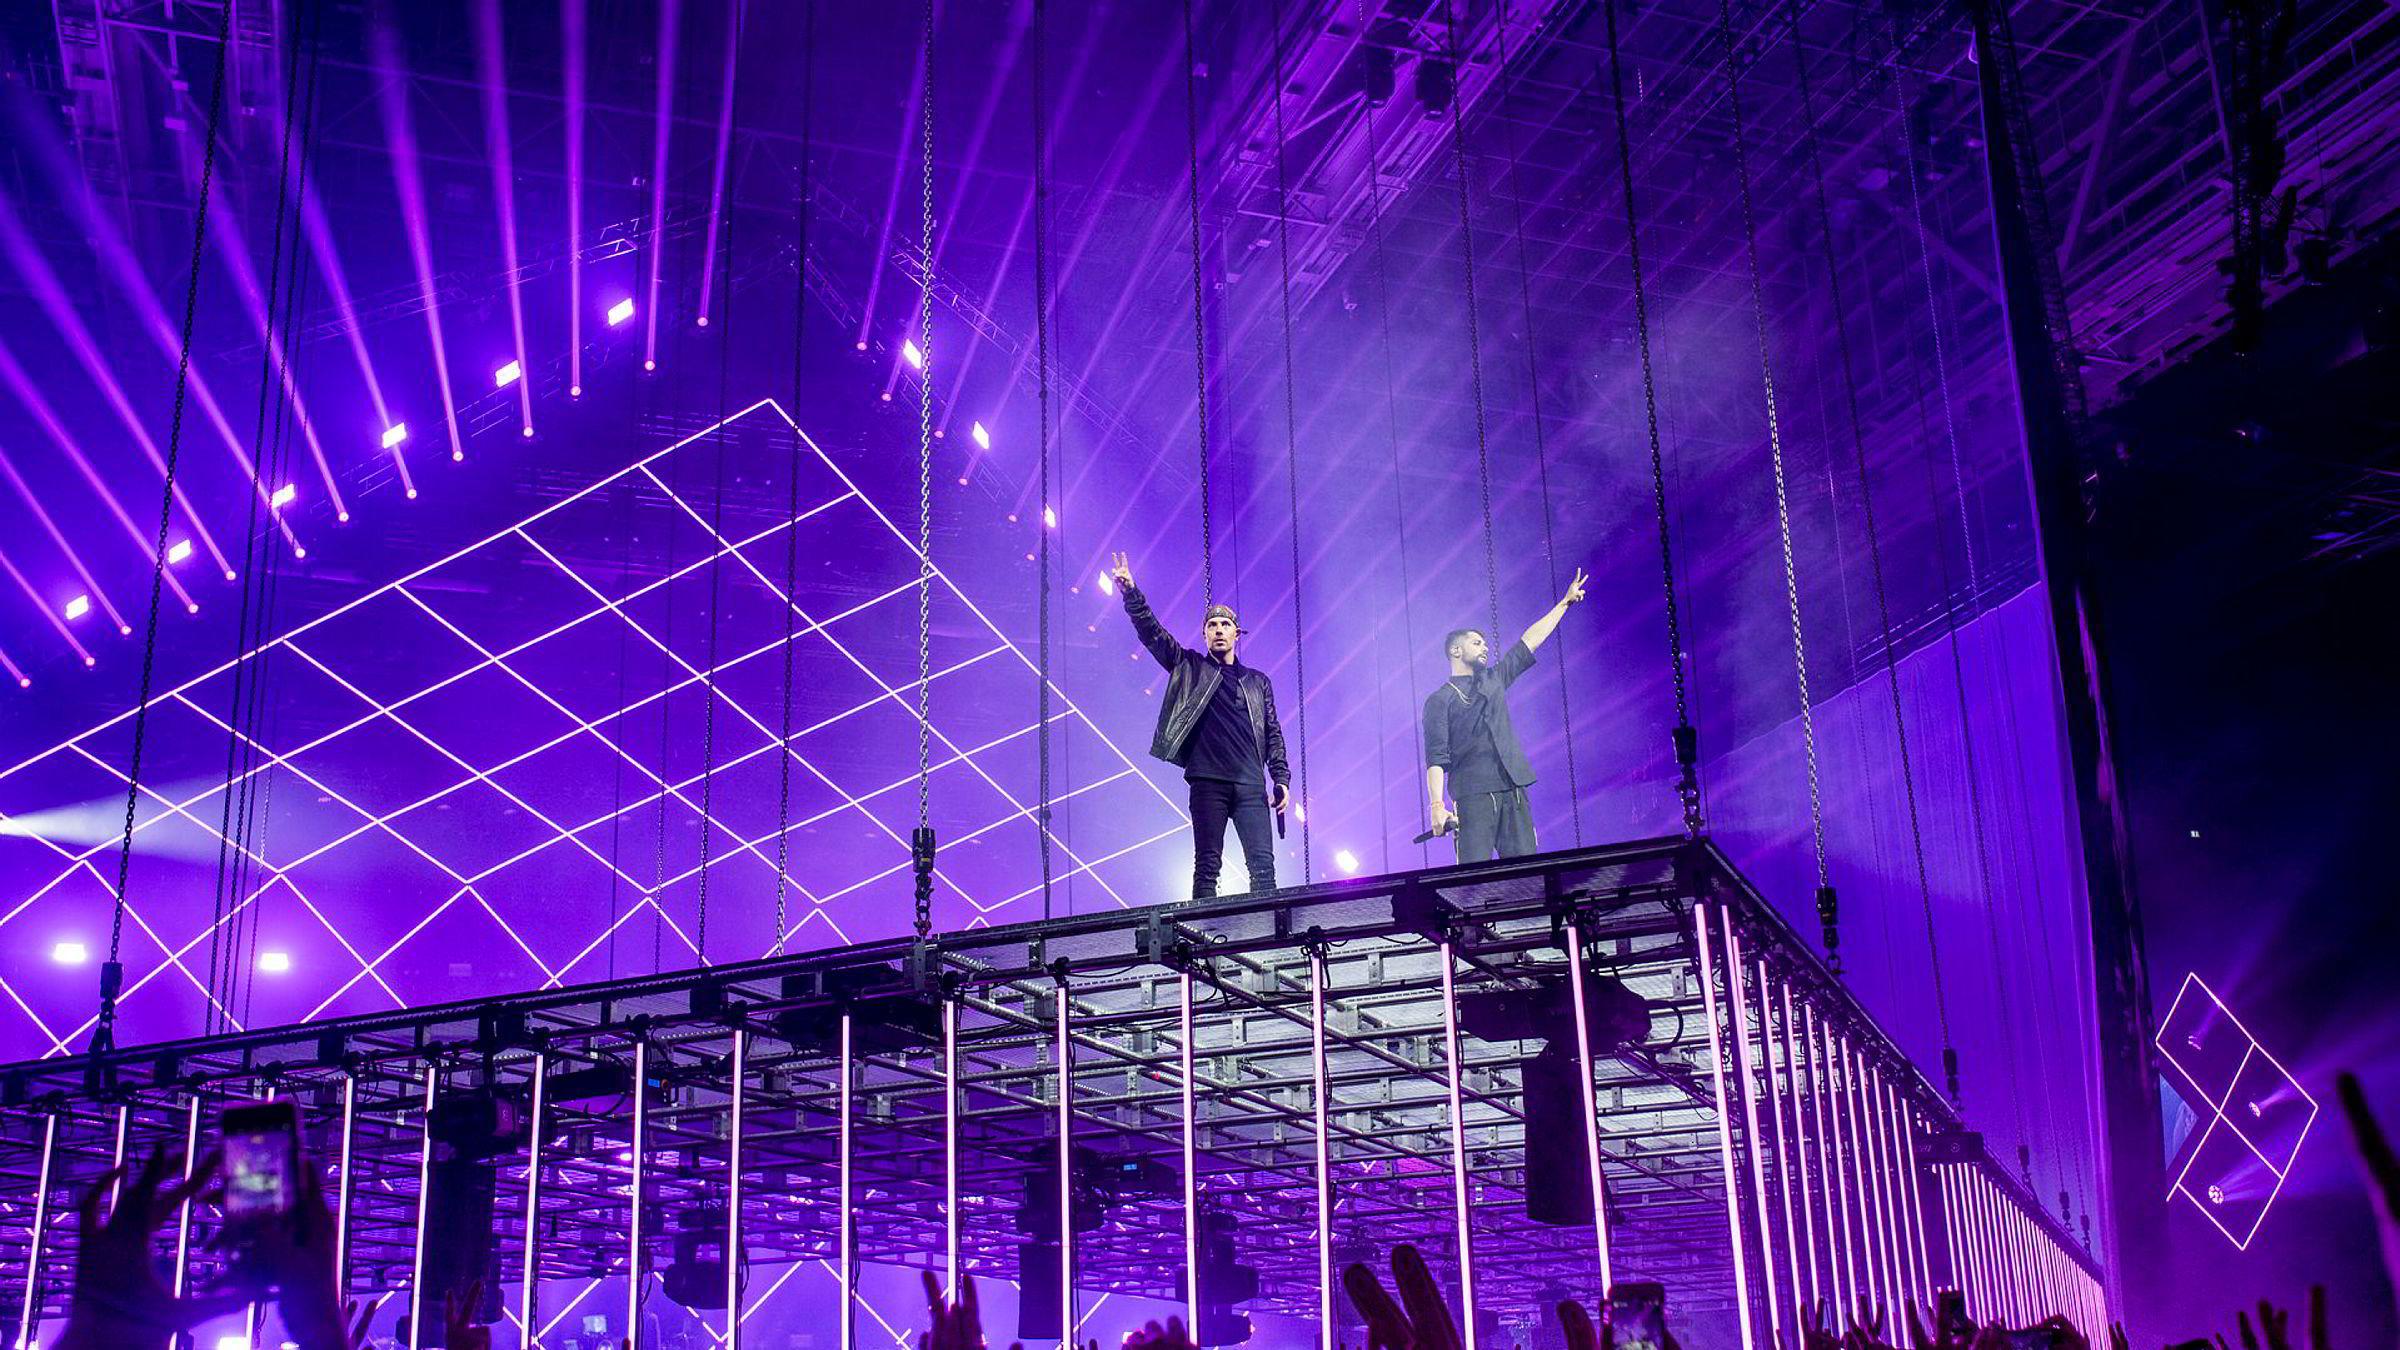 Karpe Diem-duoen Magdi Omar Ytreeide Abdelmaguid og Chirag Rashmikant Patel holdt tre utsolgte konserter på rad i Oslo Spektrum i fjor. Det ga rekordomsetning for rapduoen – som likevel ikke tar utbytte etter rekordåret.